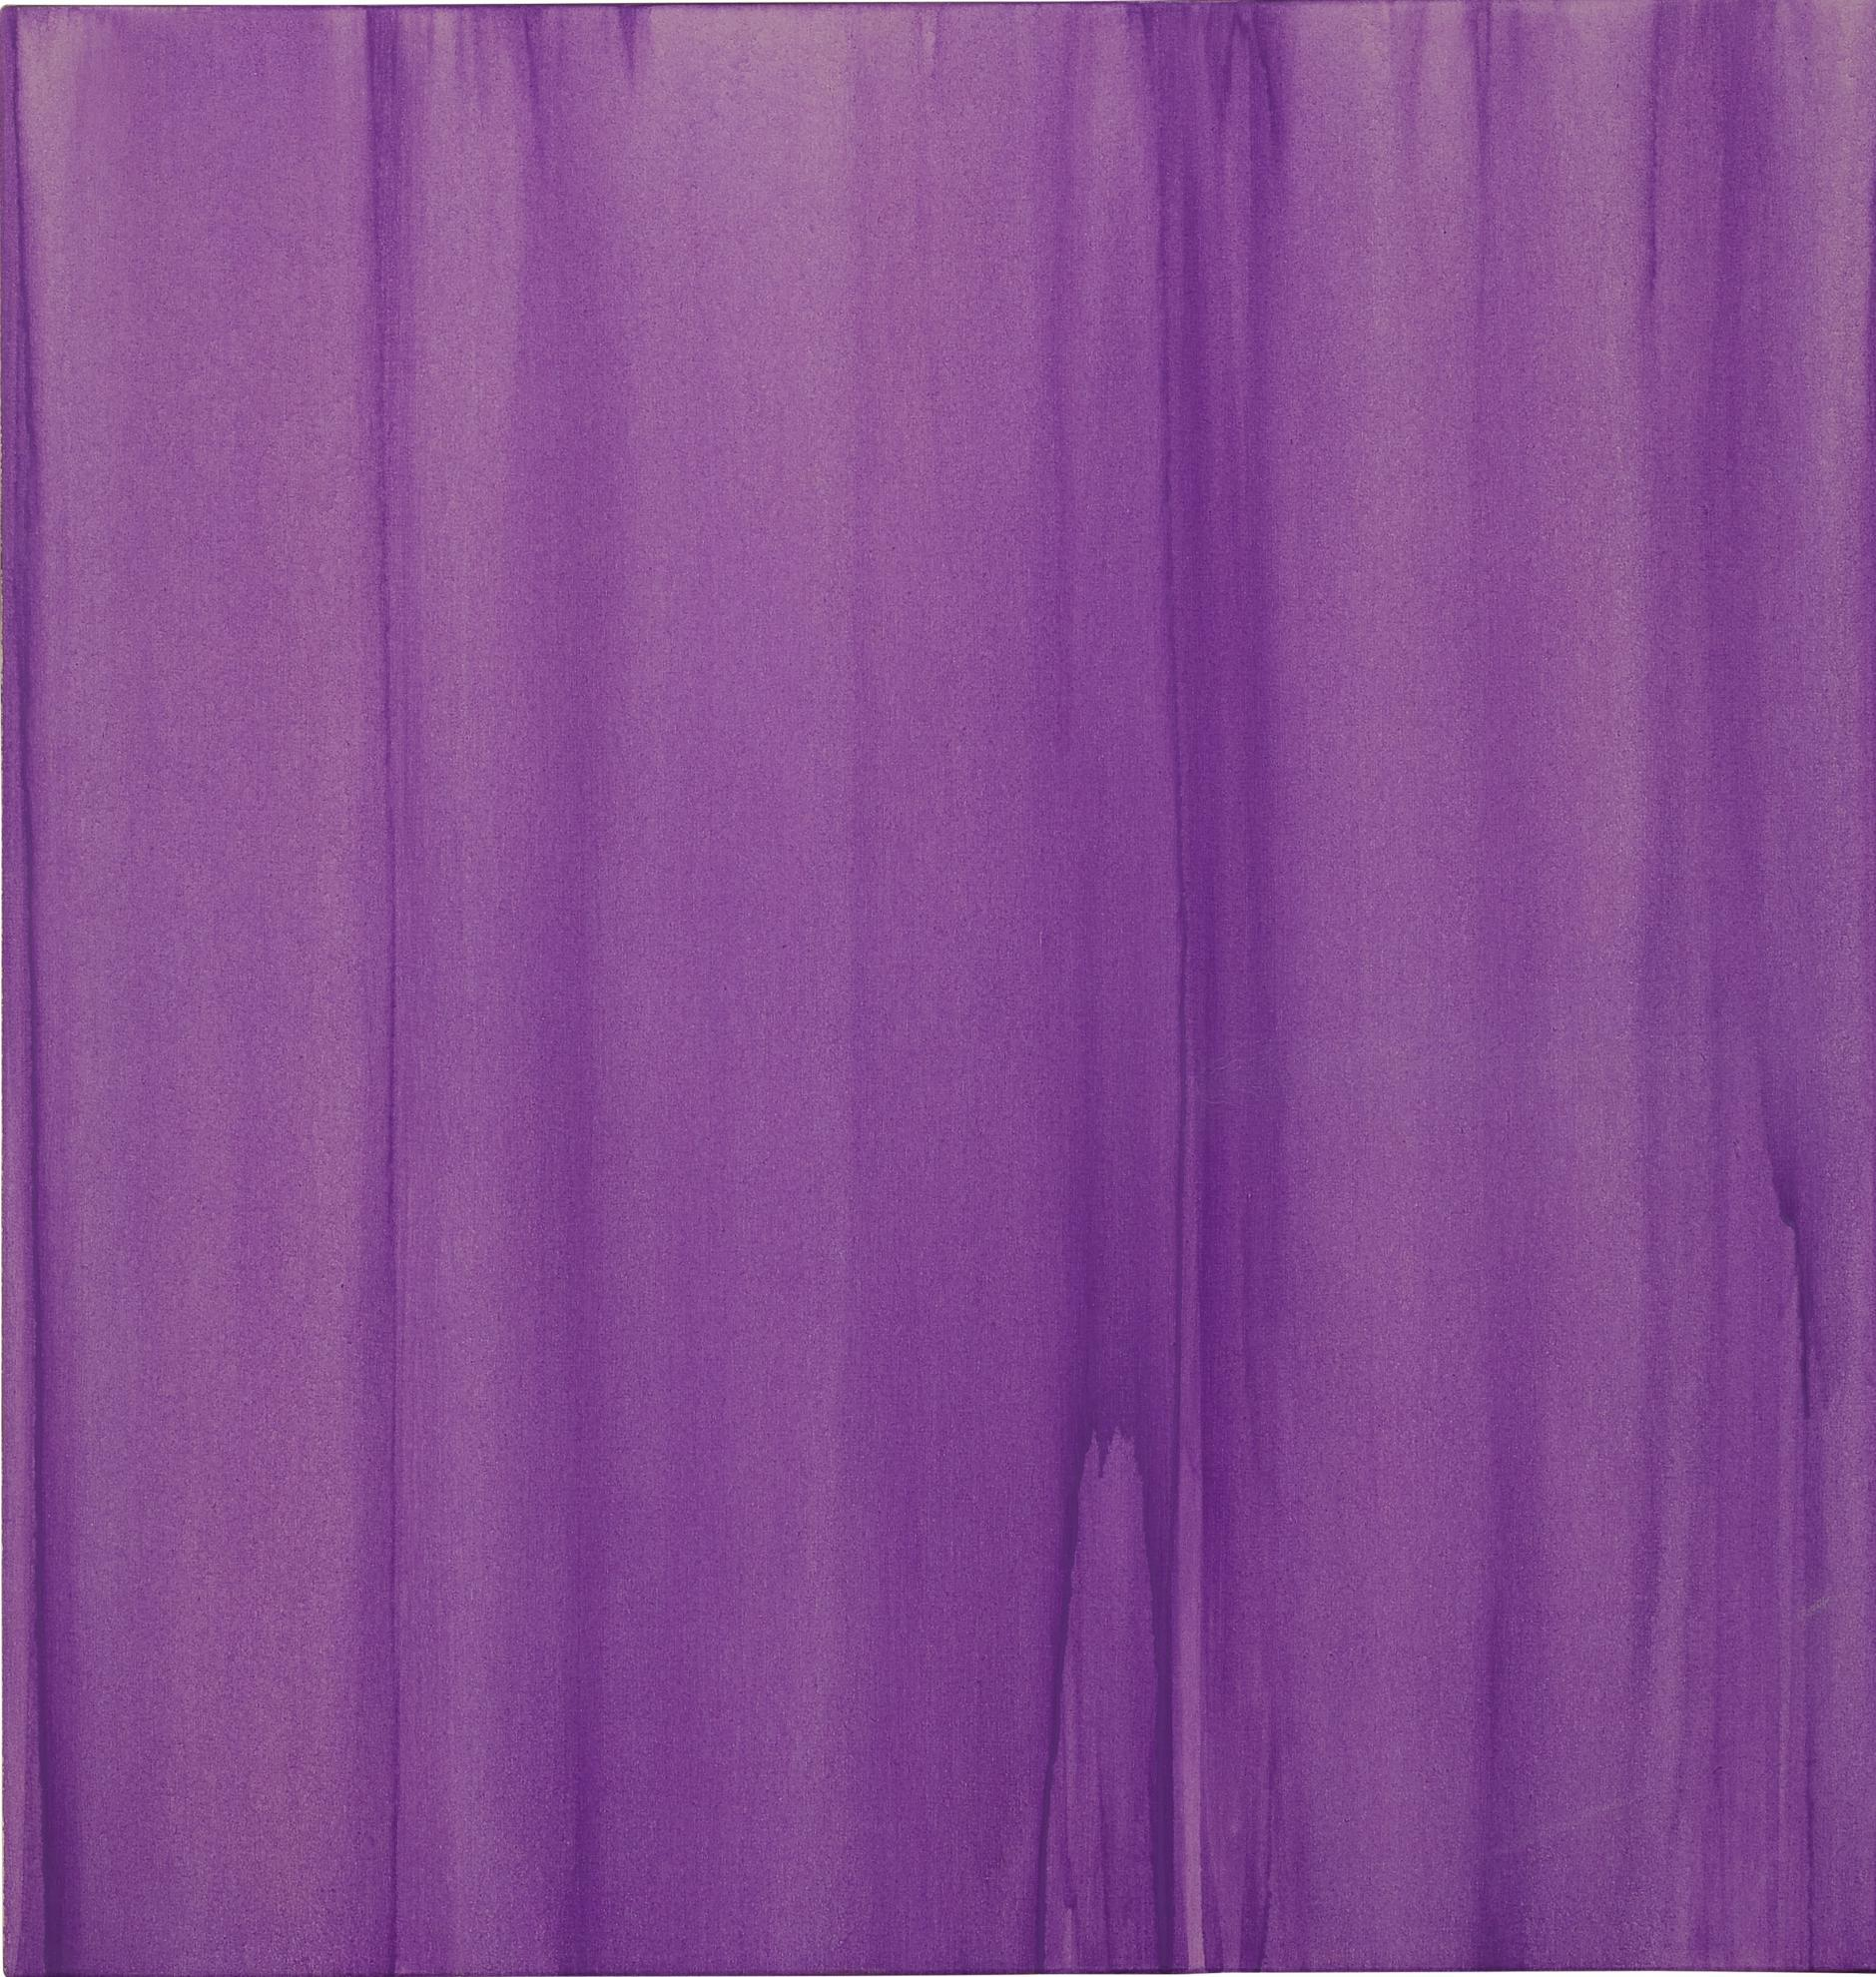 Callum Innes-Formed Painting Cobalt Violet-1995